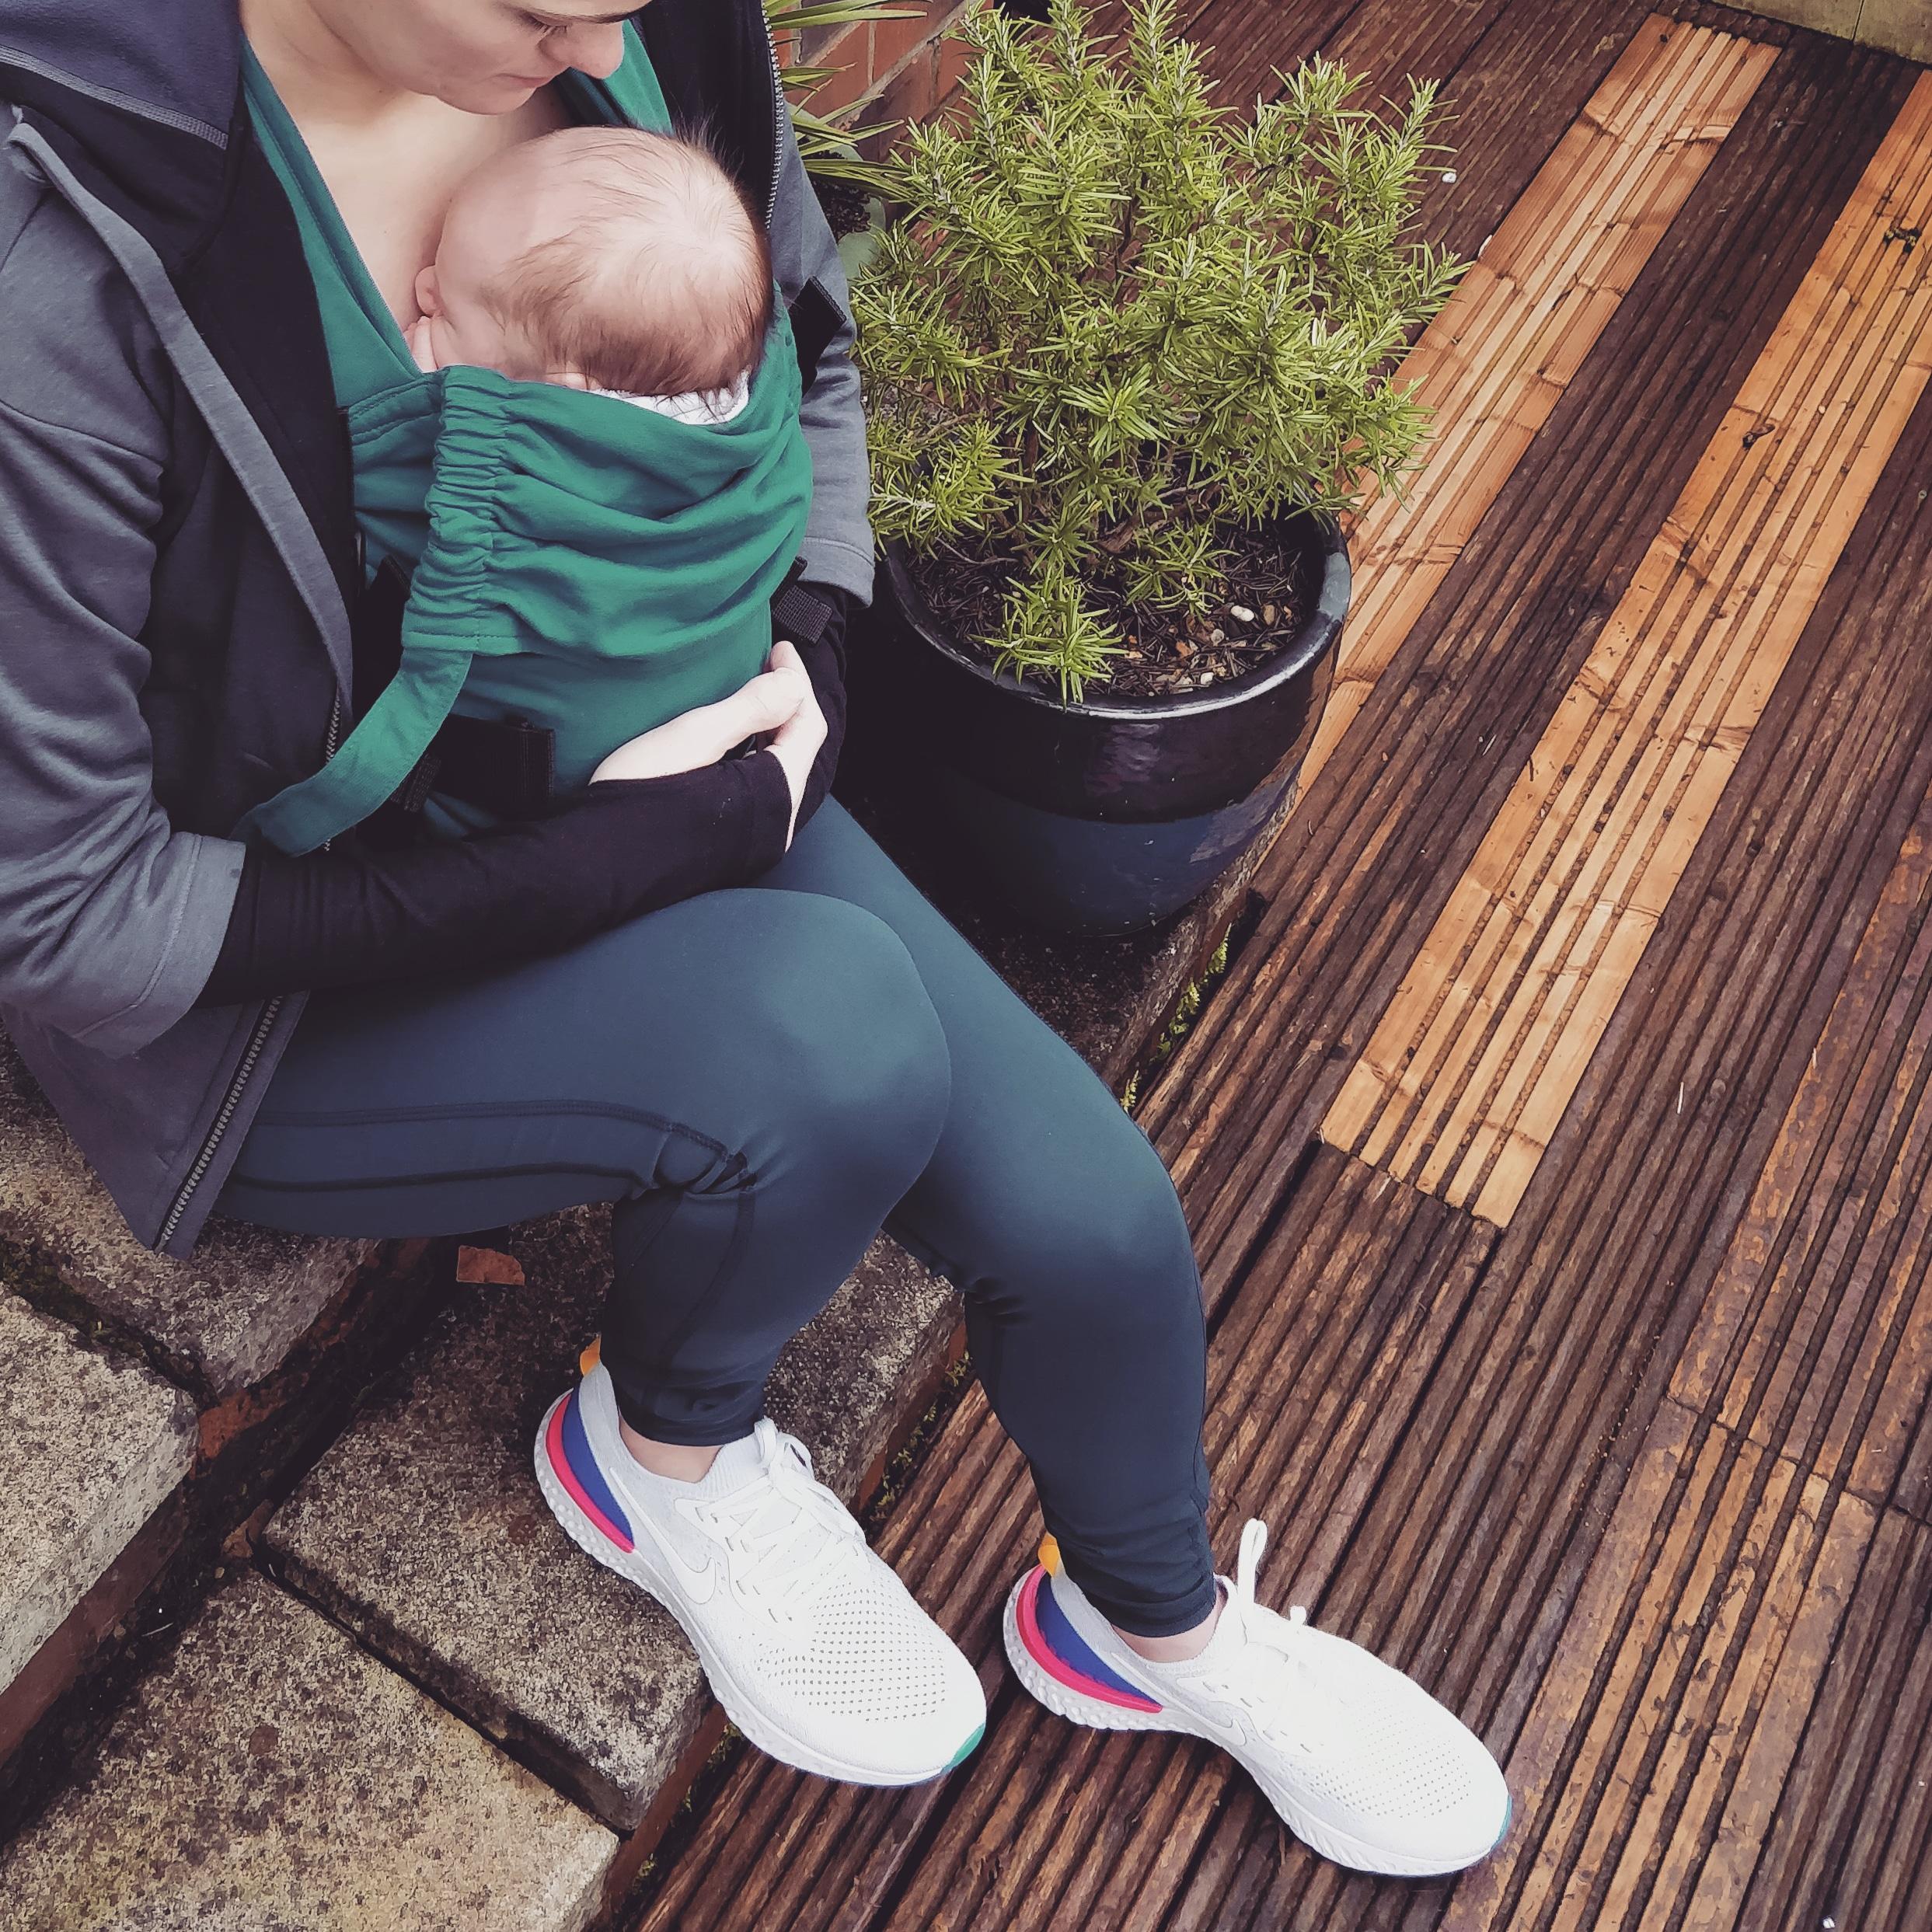 veggie runners nike epic react, nike epic react, veggie runners baby, pregnant fitness, postnatal fitness, postnatal running